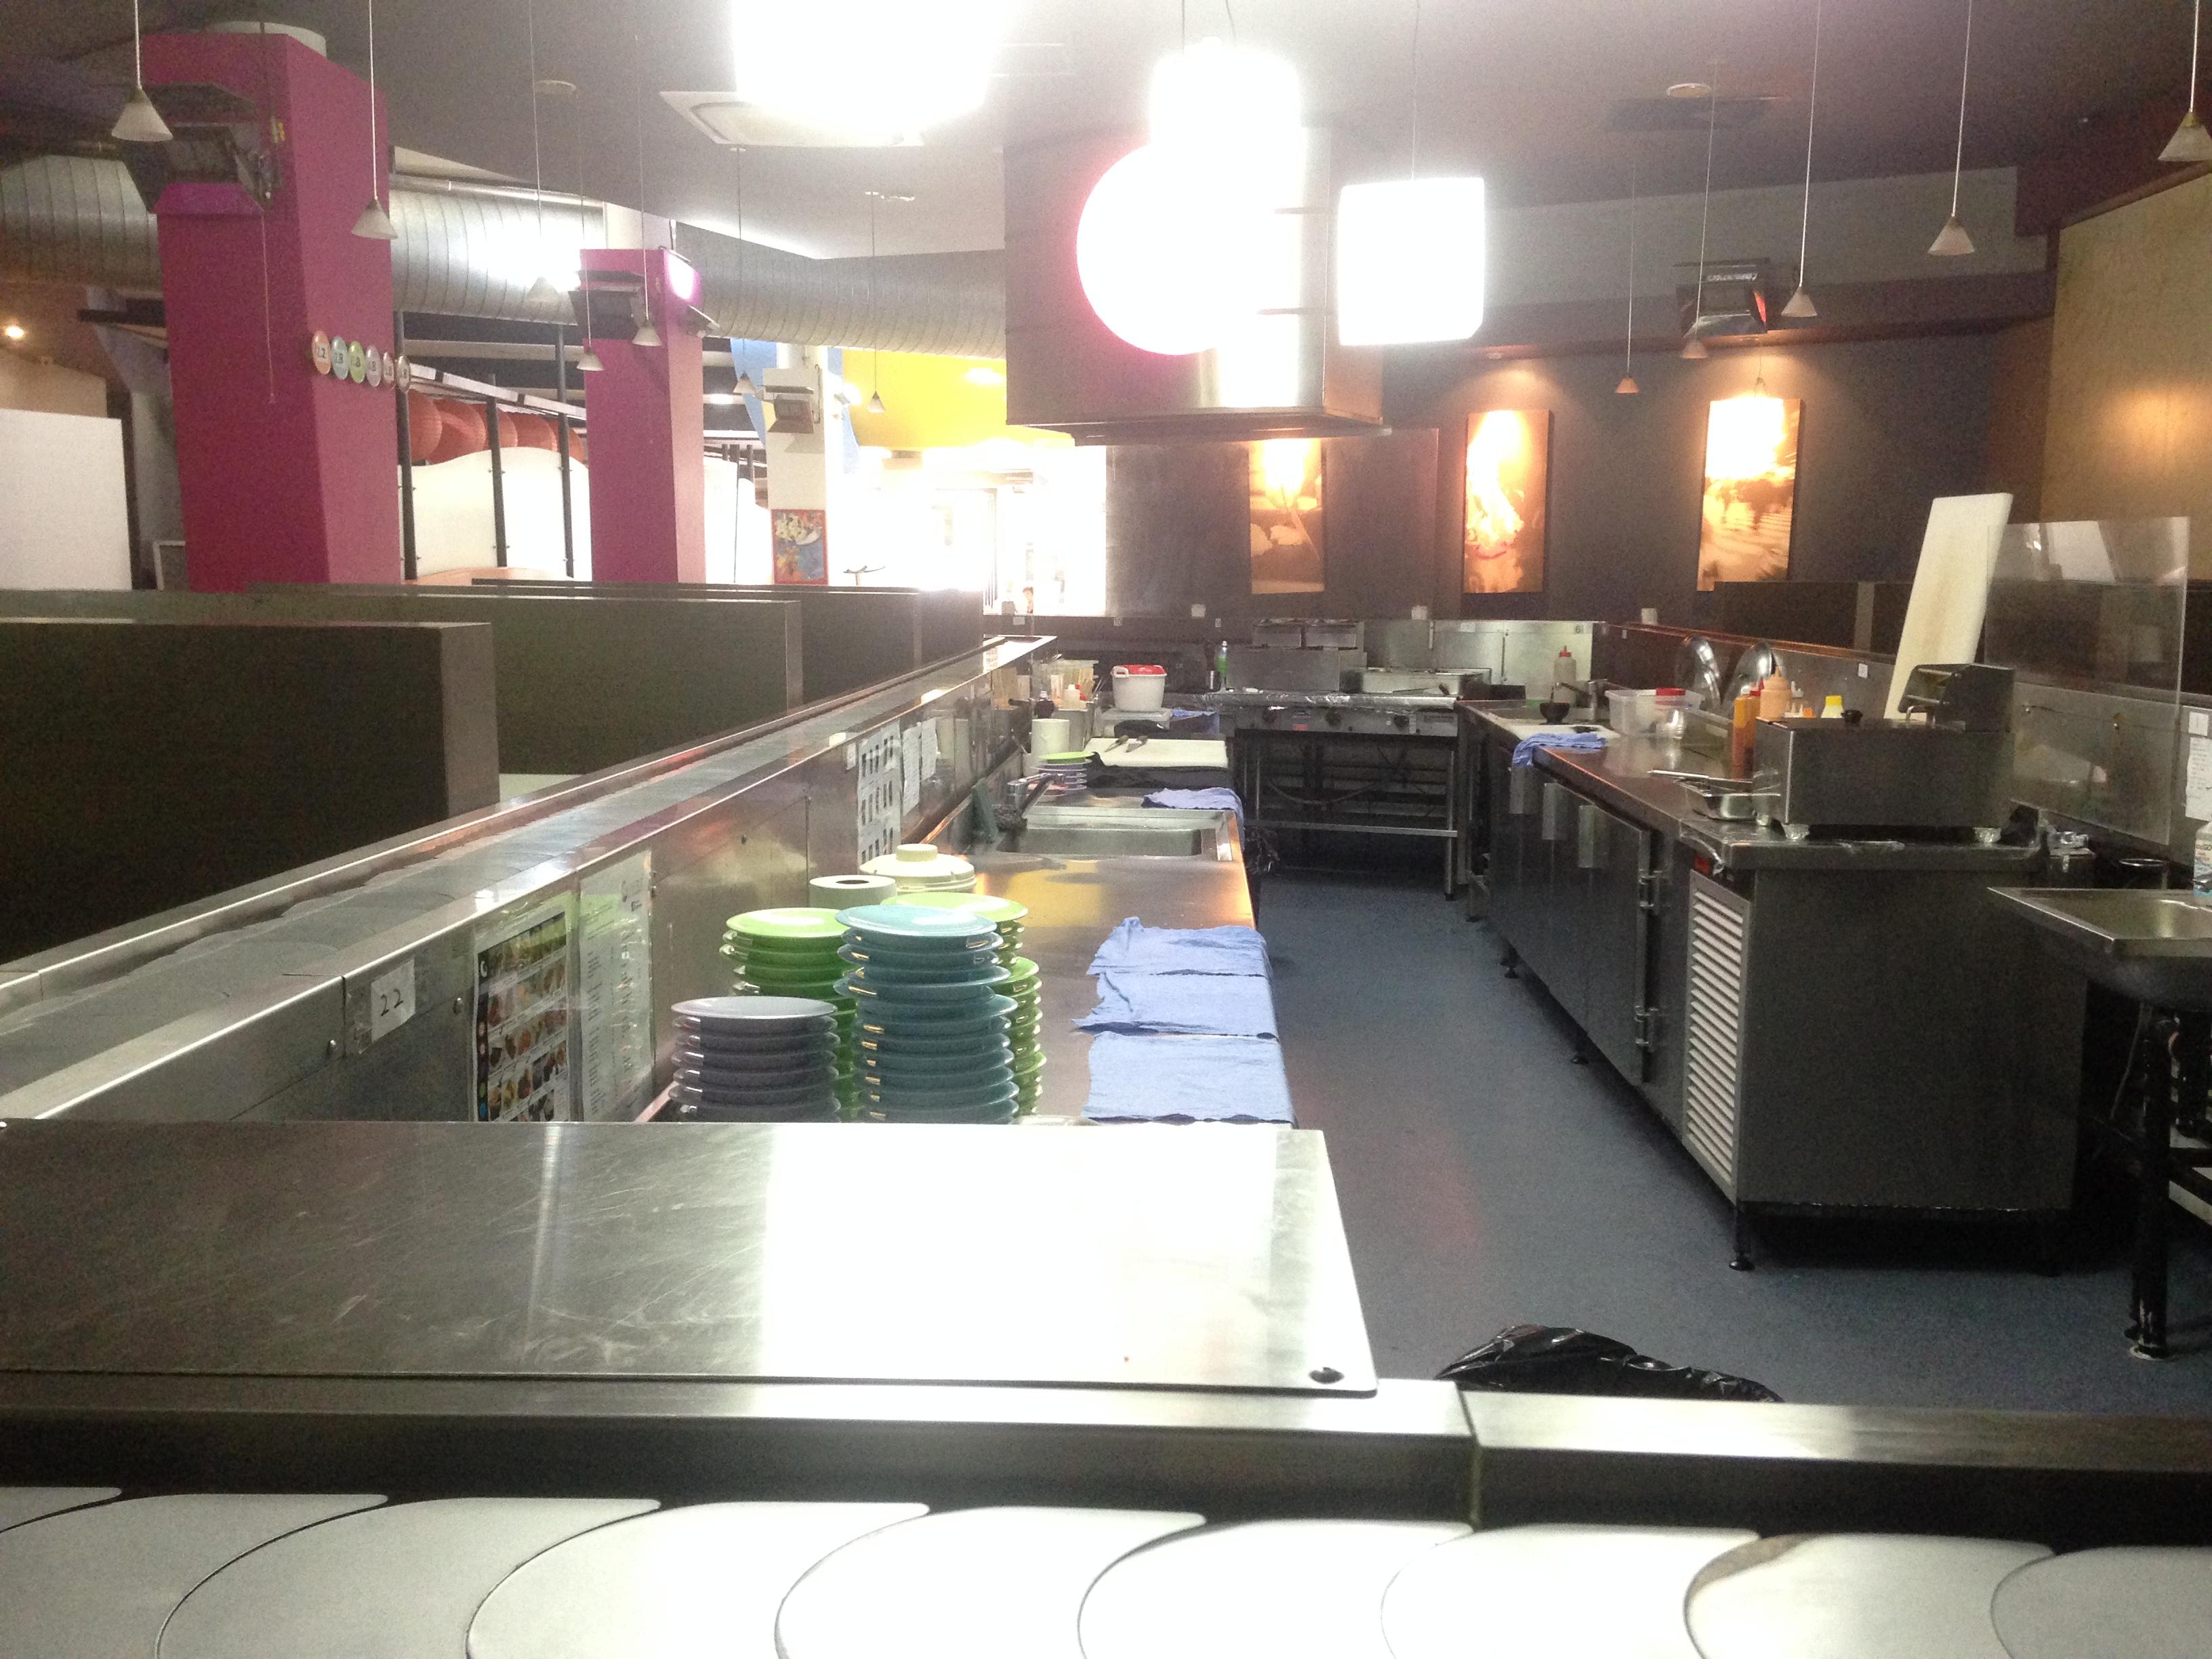 オーストラリア ワーホリ 回転寿司 ローカル パース